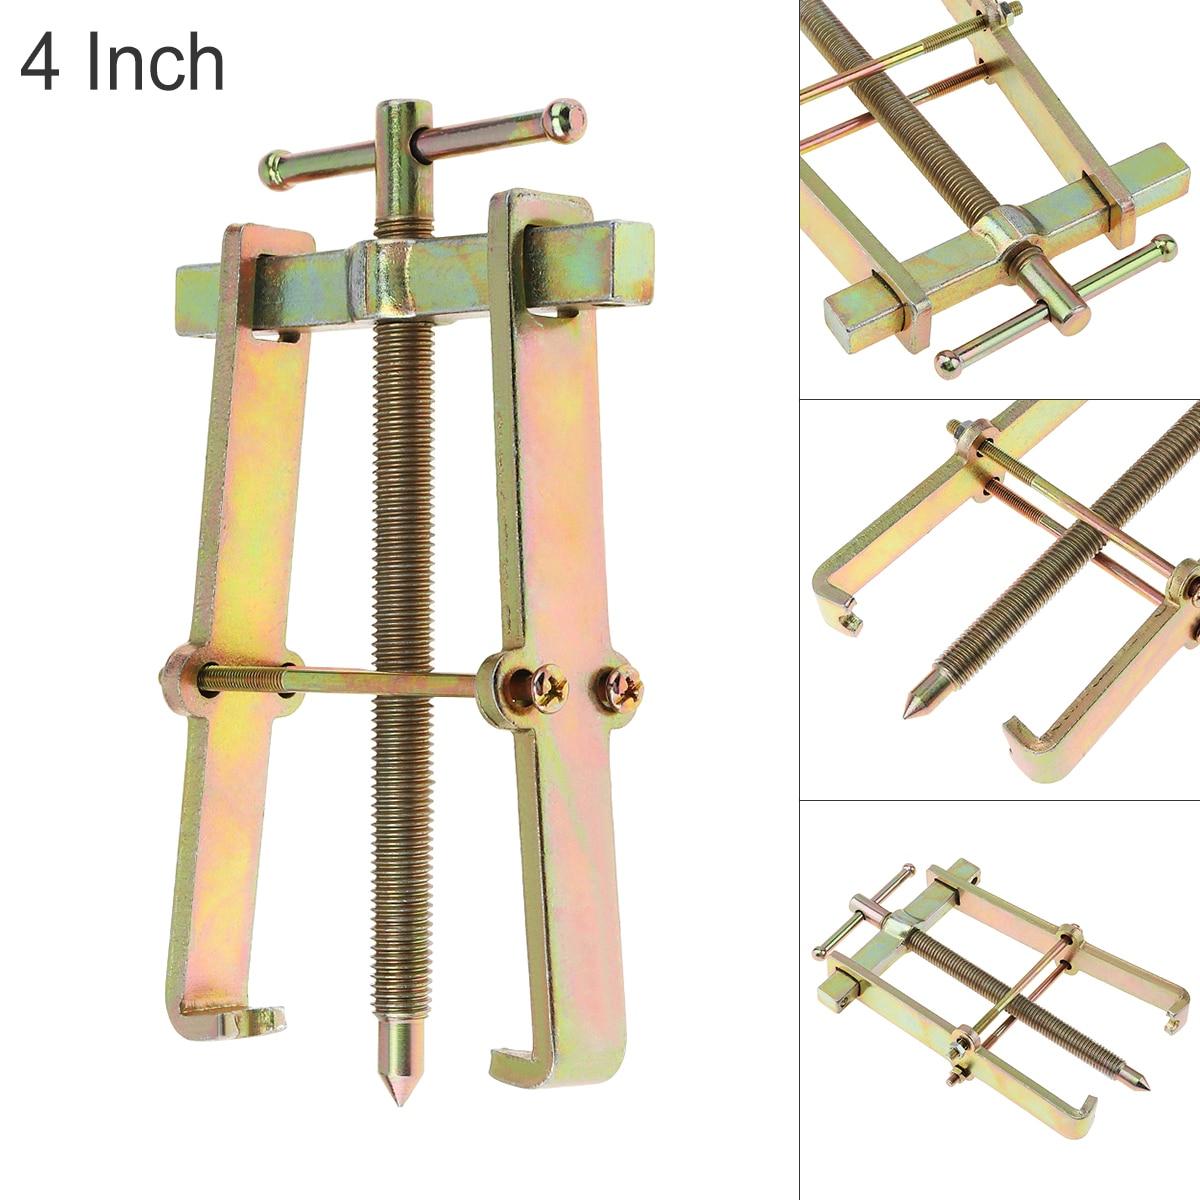 Dispositivo de elevación independiente Extractor de dos garras de 4 pulgadas, rodamiento multiusos, Rama para herramientas manuales mecánicas automáticas